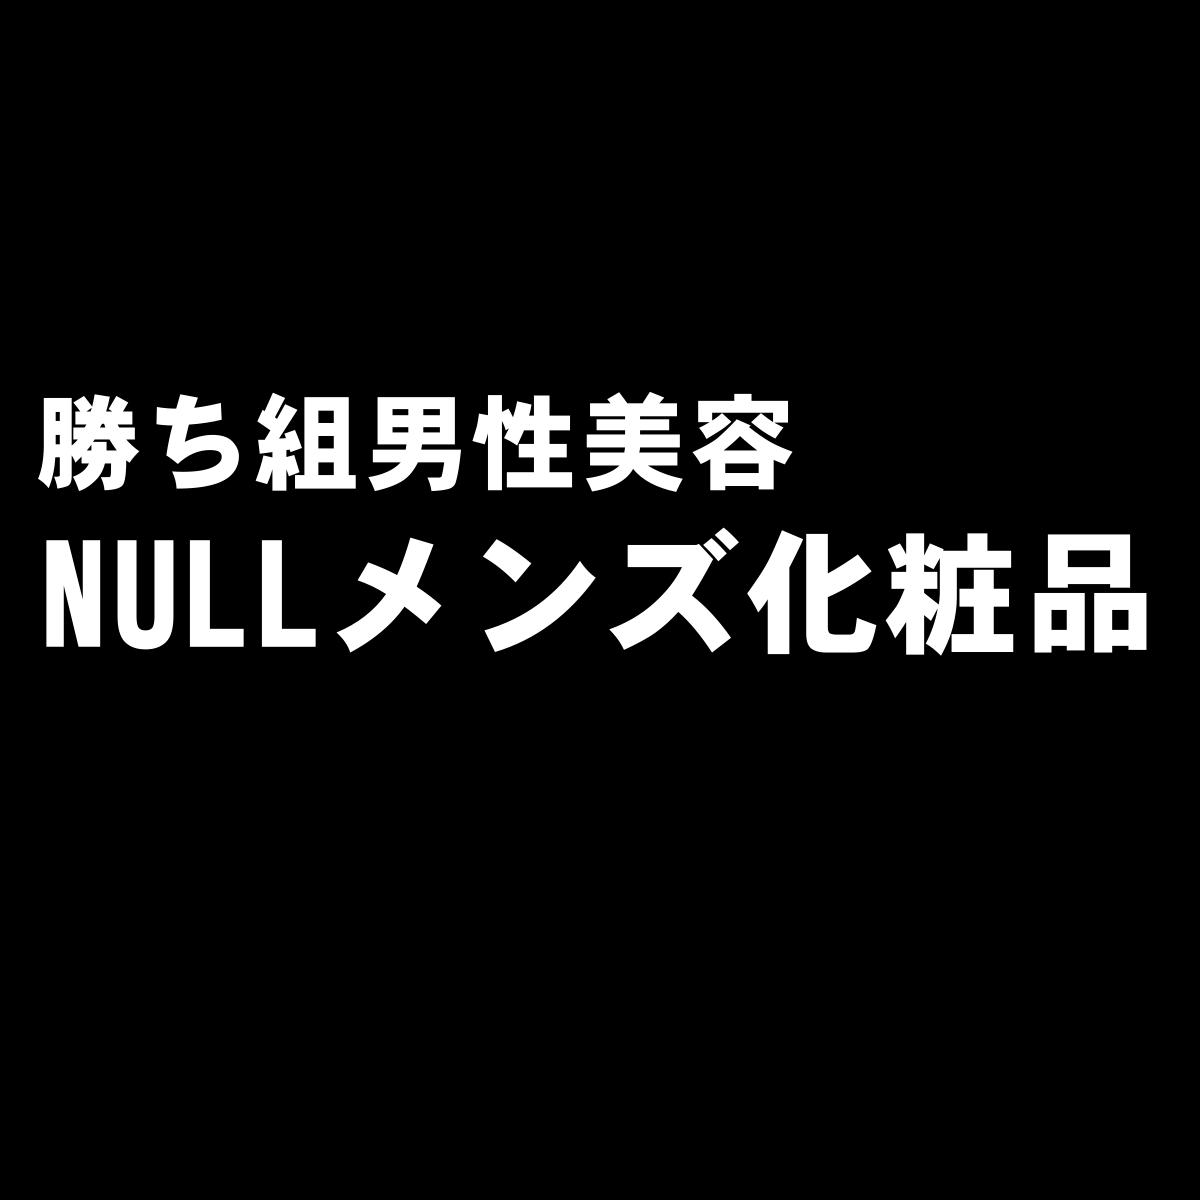 NULLメンズ化粧品